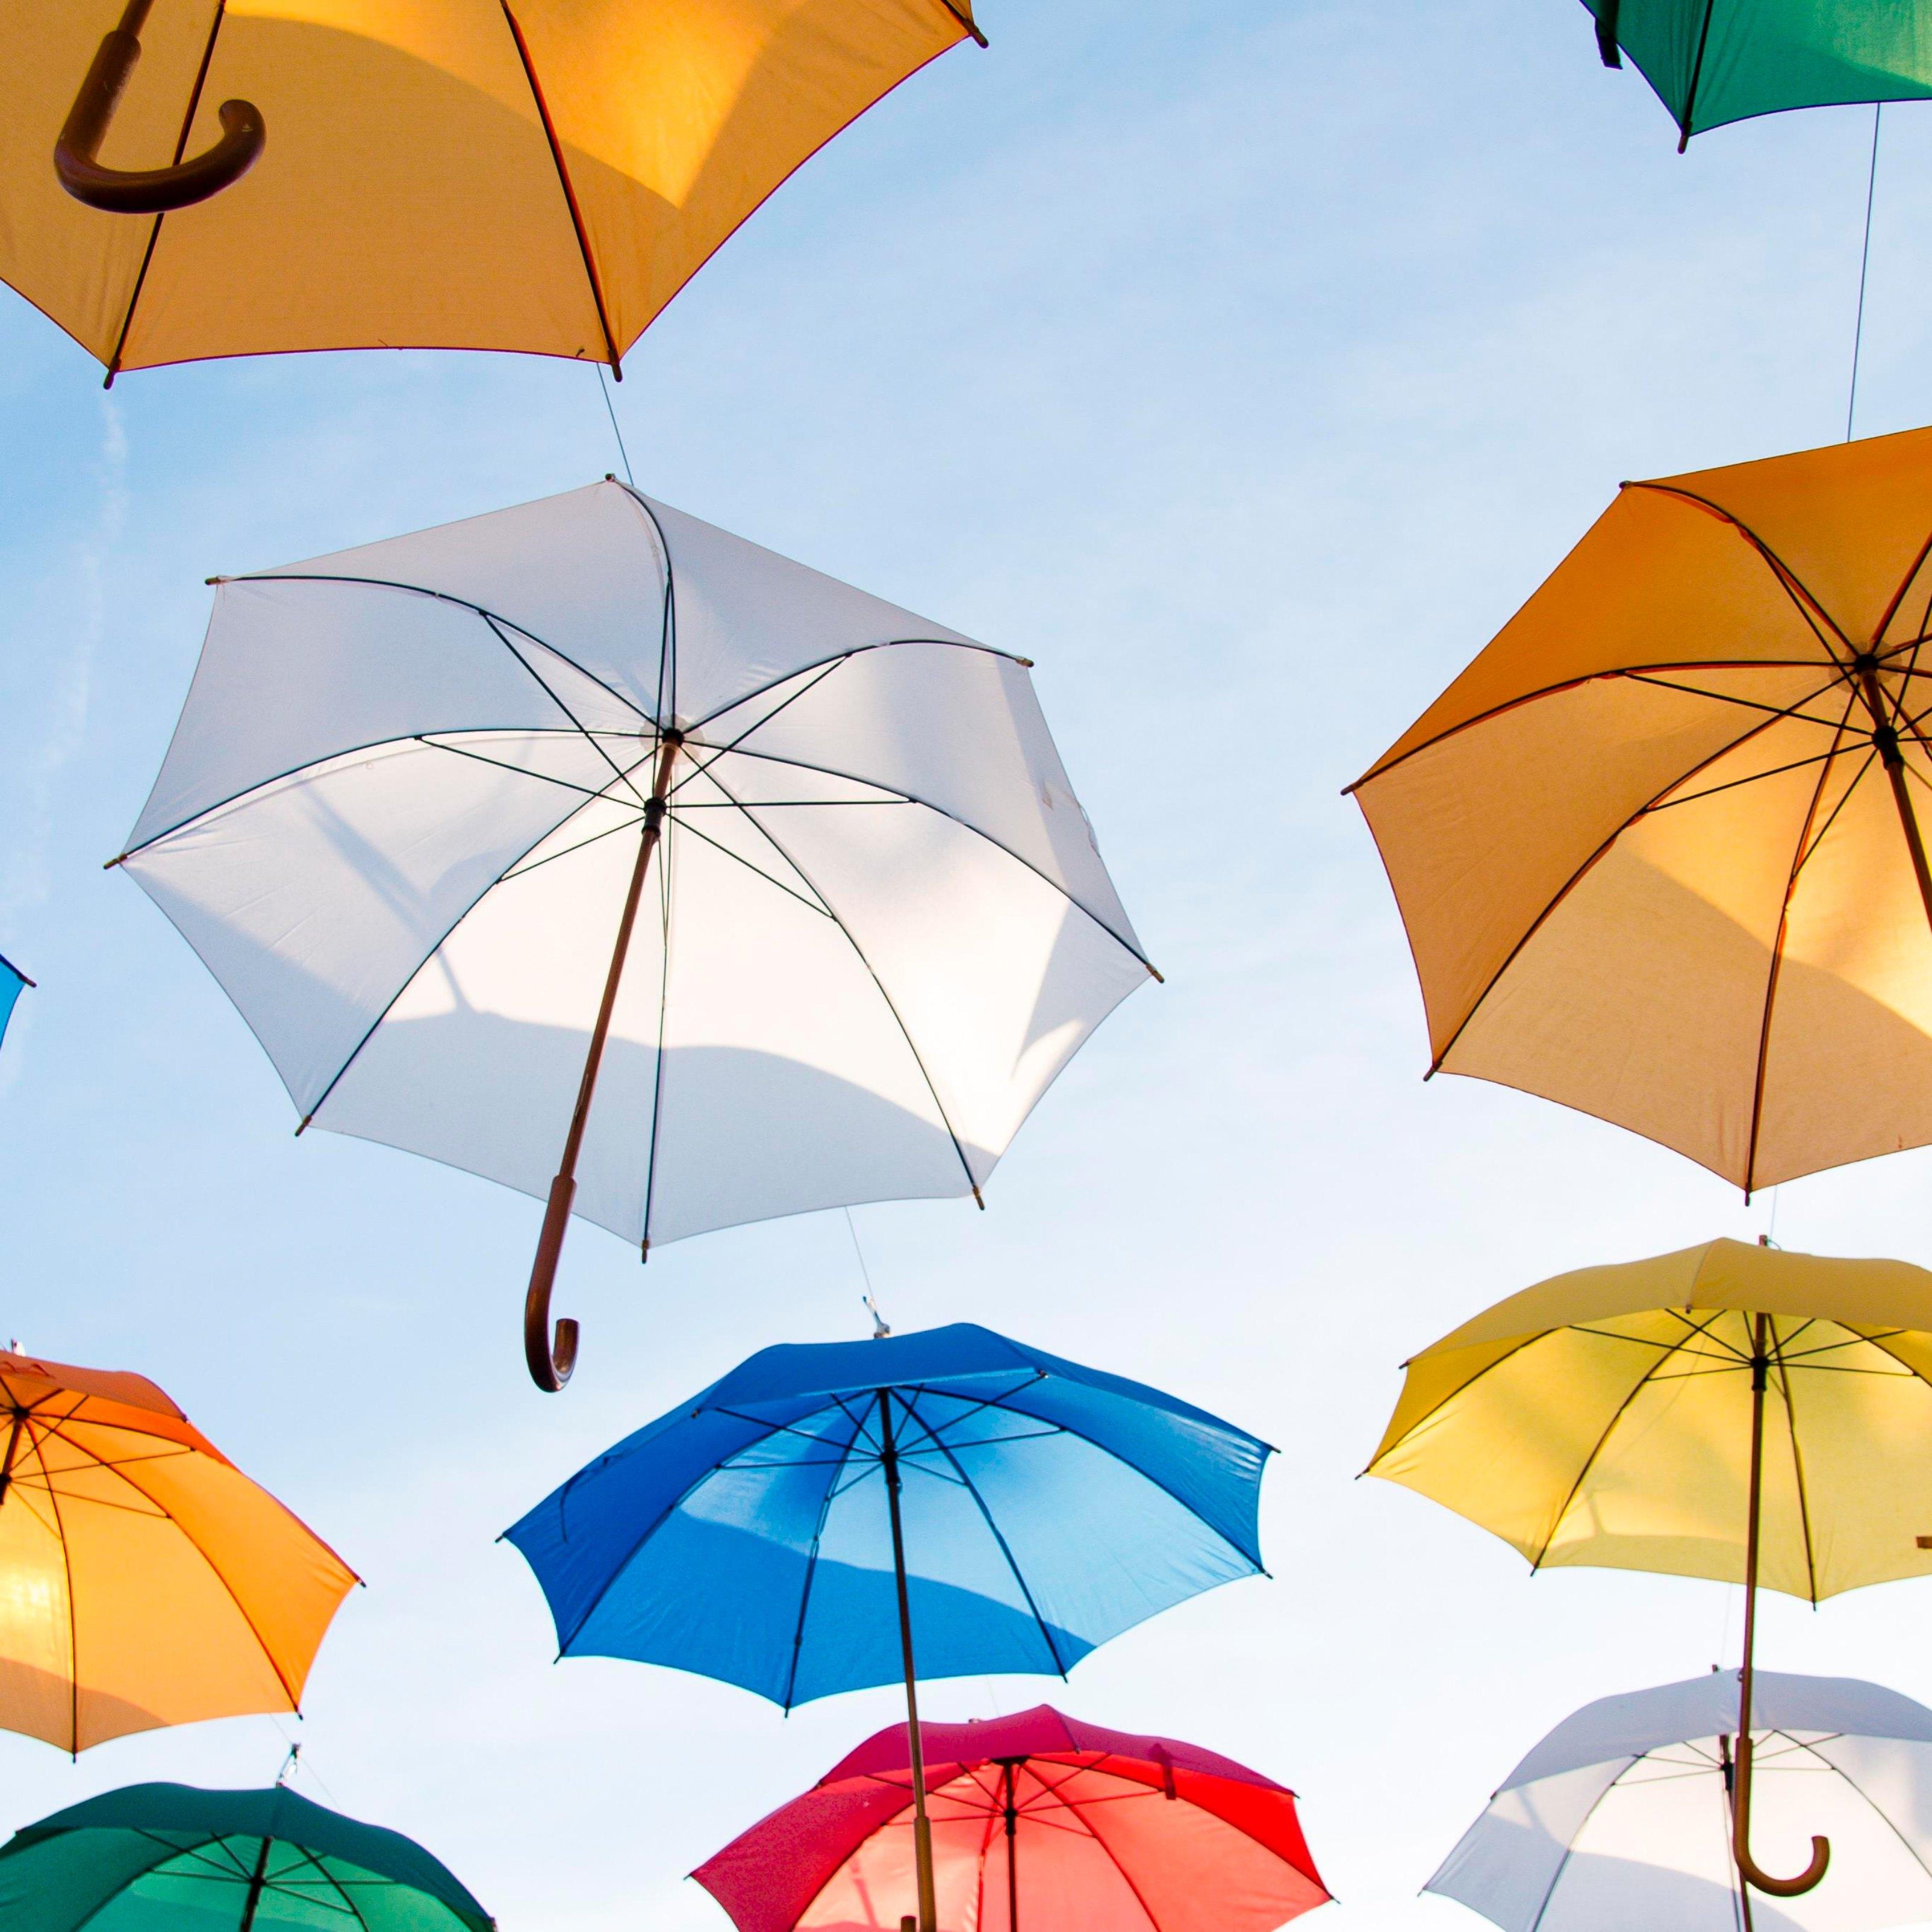 Umbrella Ipad Wallpaper